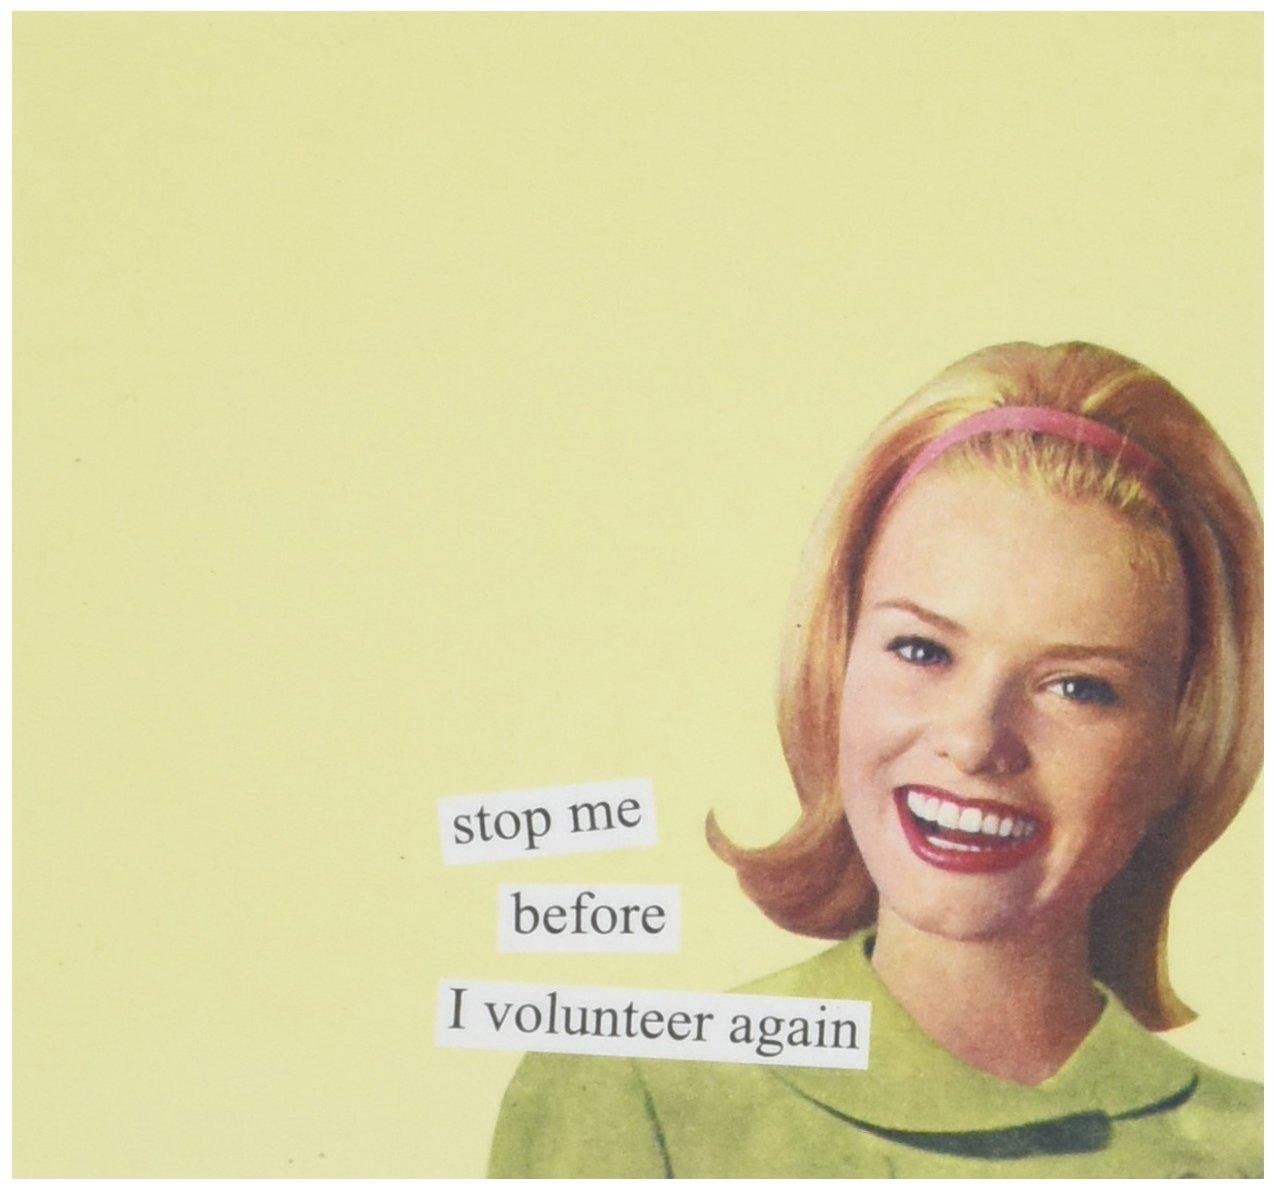 Stop Stop Stop me before I volunteer again Selbstklebende Notizzettel by anne Taintor B001A8BO8S | Große Auswahl  | Sonderaktionen zum Jahresende  | Das hochwertigste Material  89f9a7